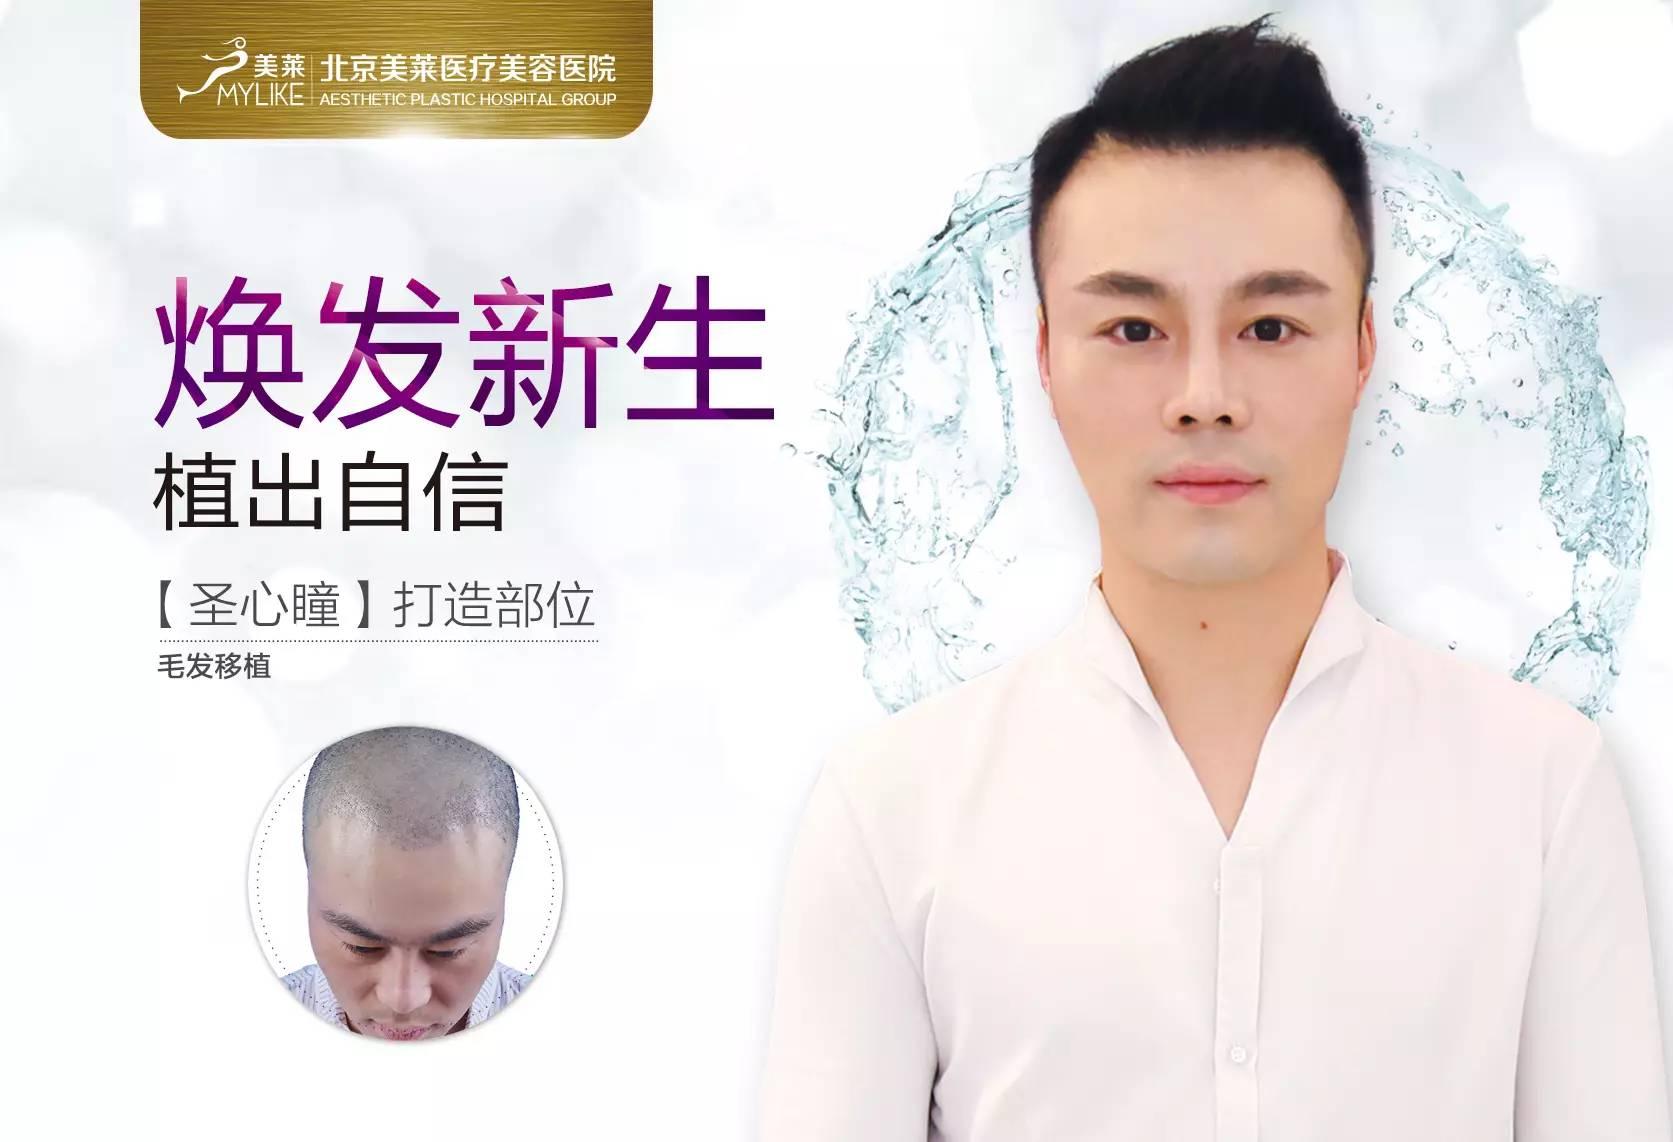 毛发移植多久能见效呢,现在人脱发太普遍了。